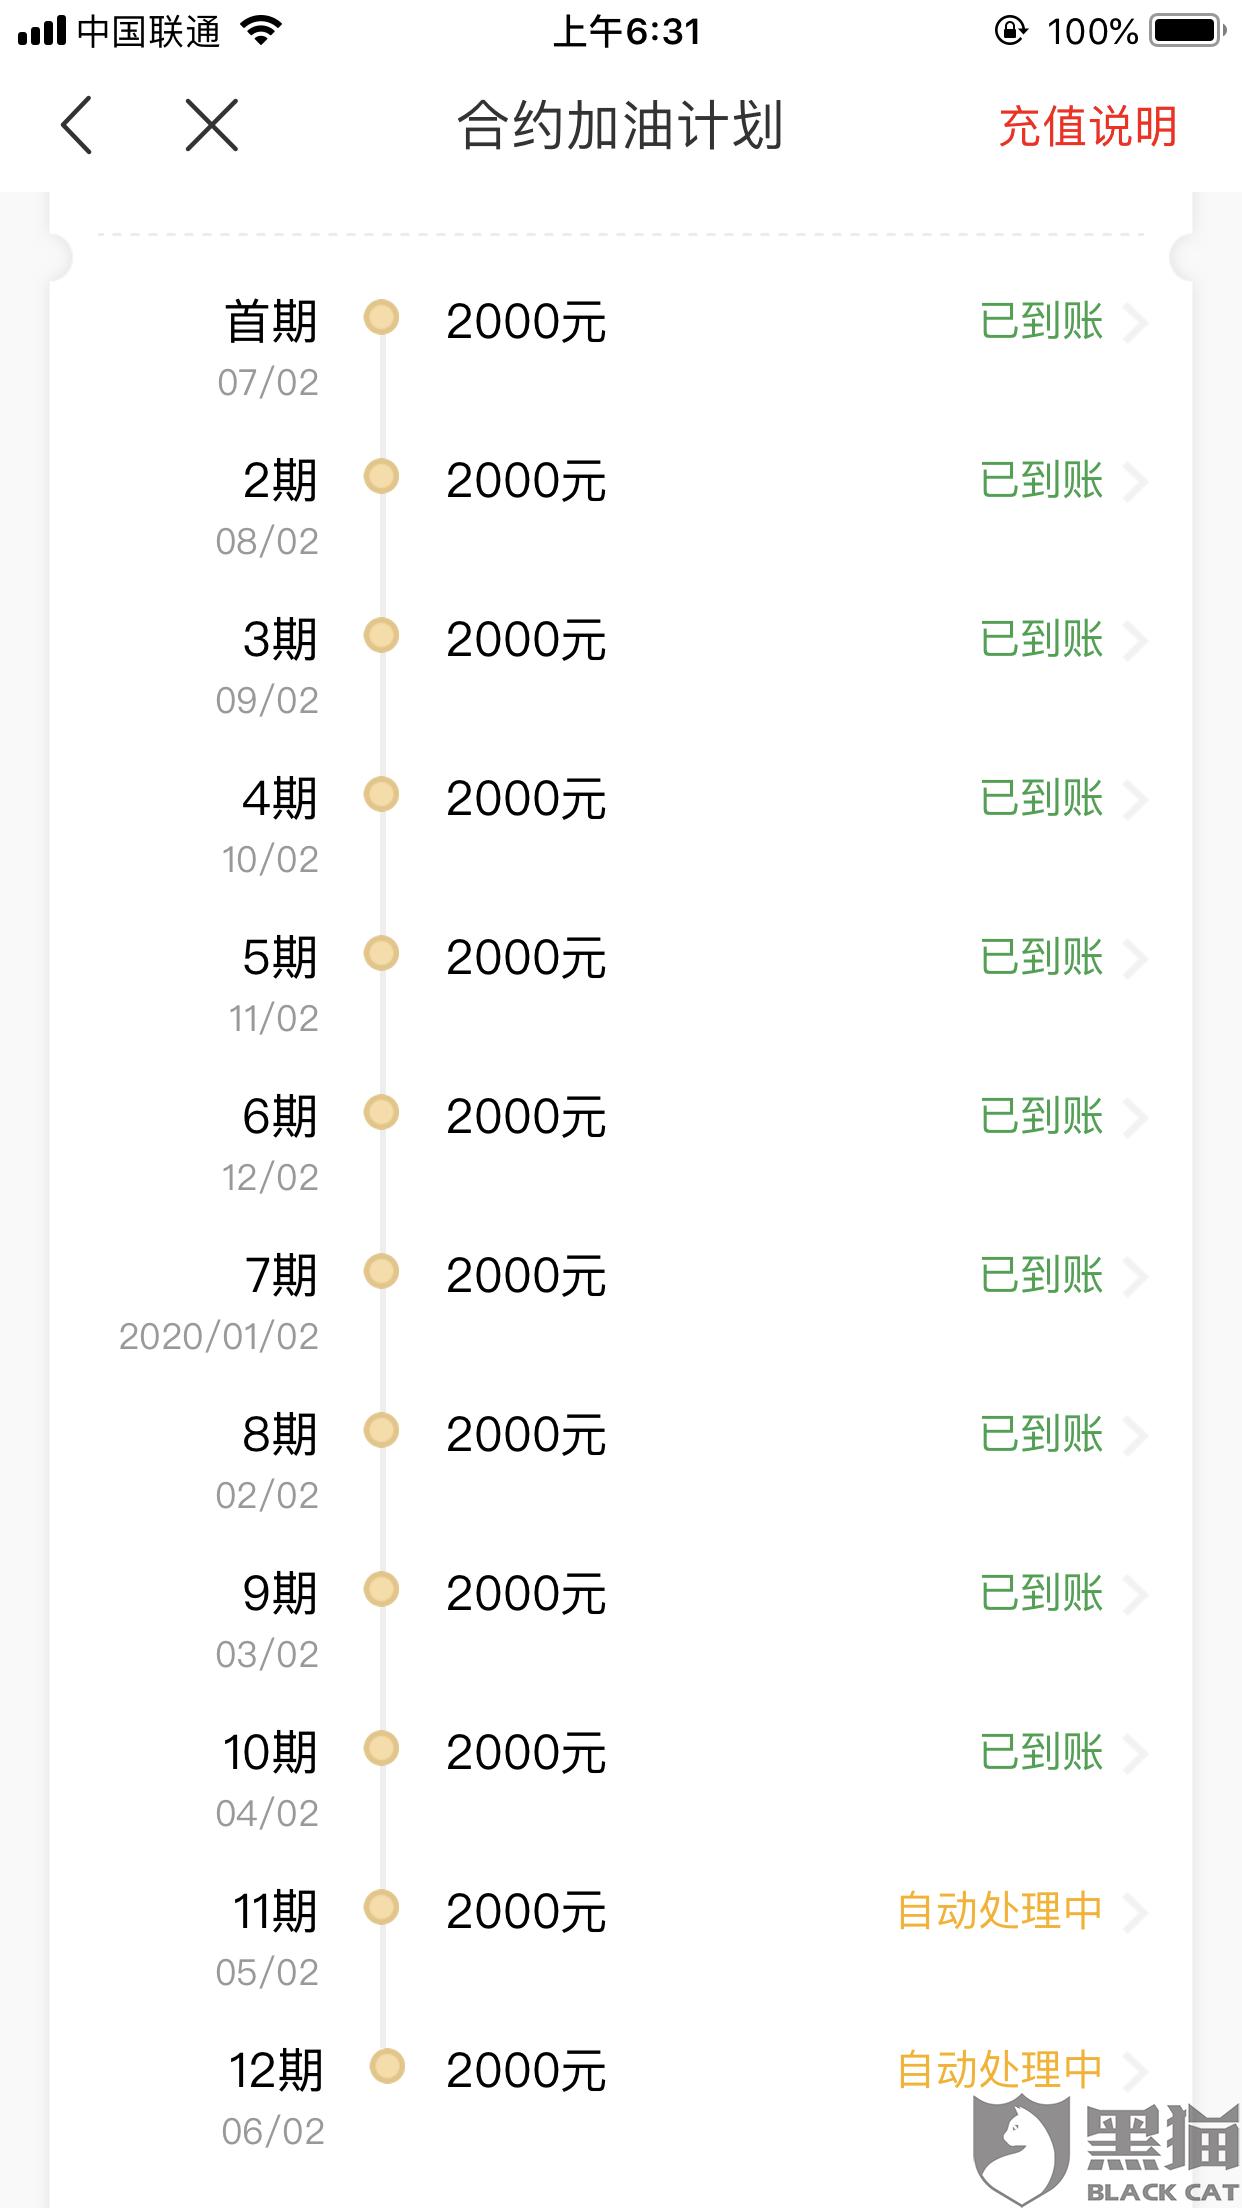 黑猫投诉:深圳优速物流信息科技有限公司欺骗消费者不履行合同义务